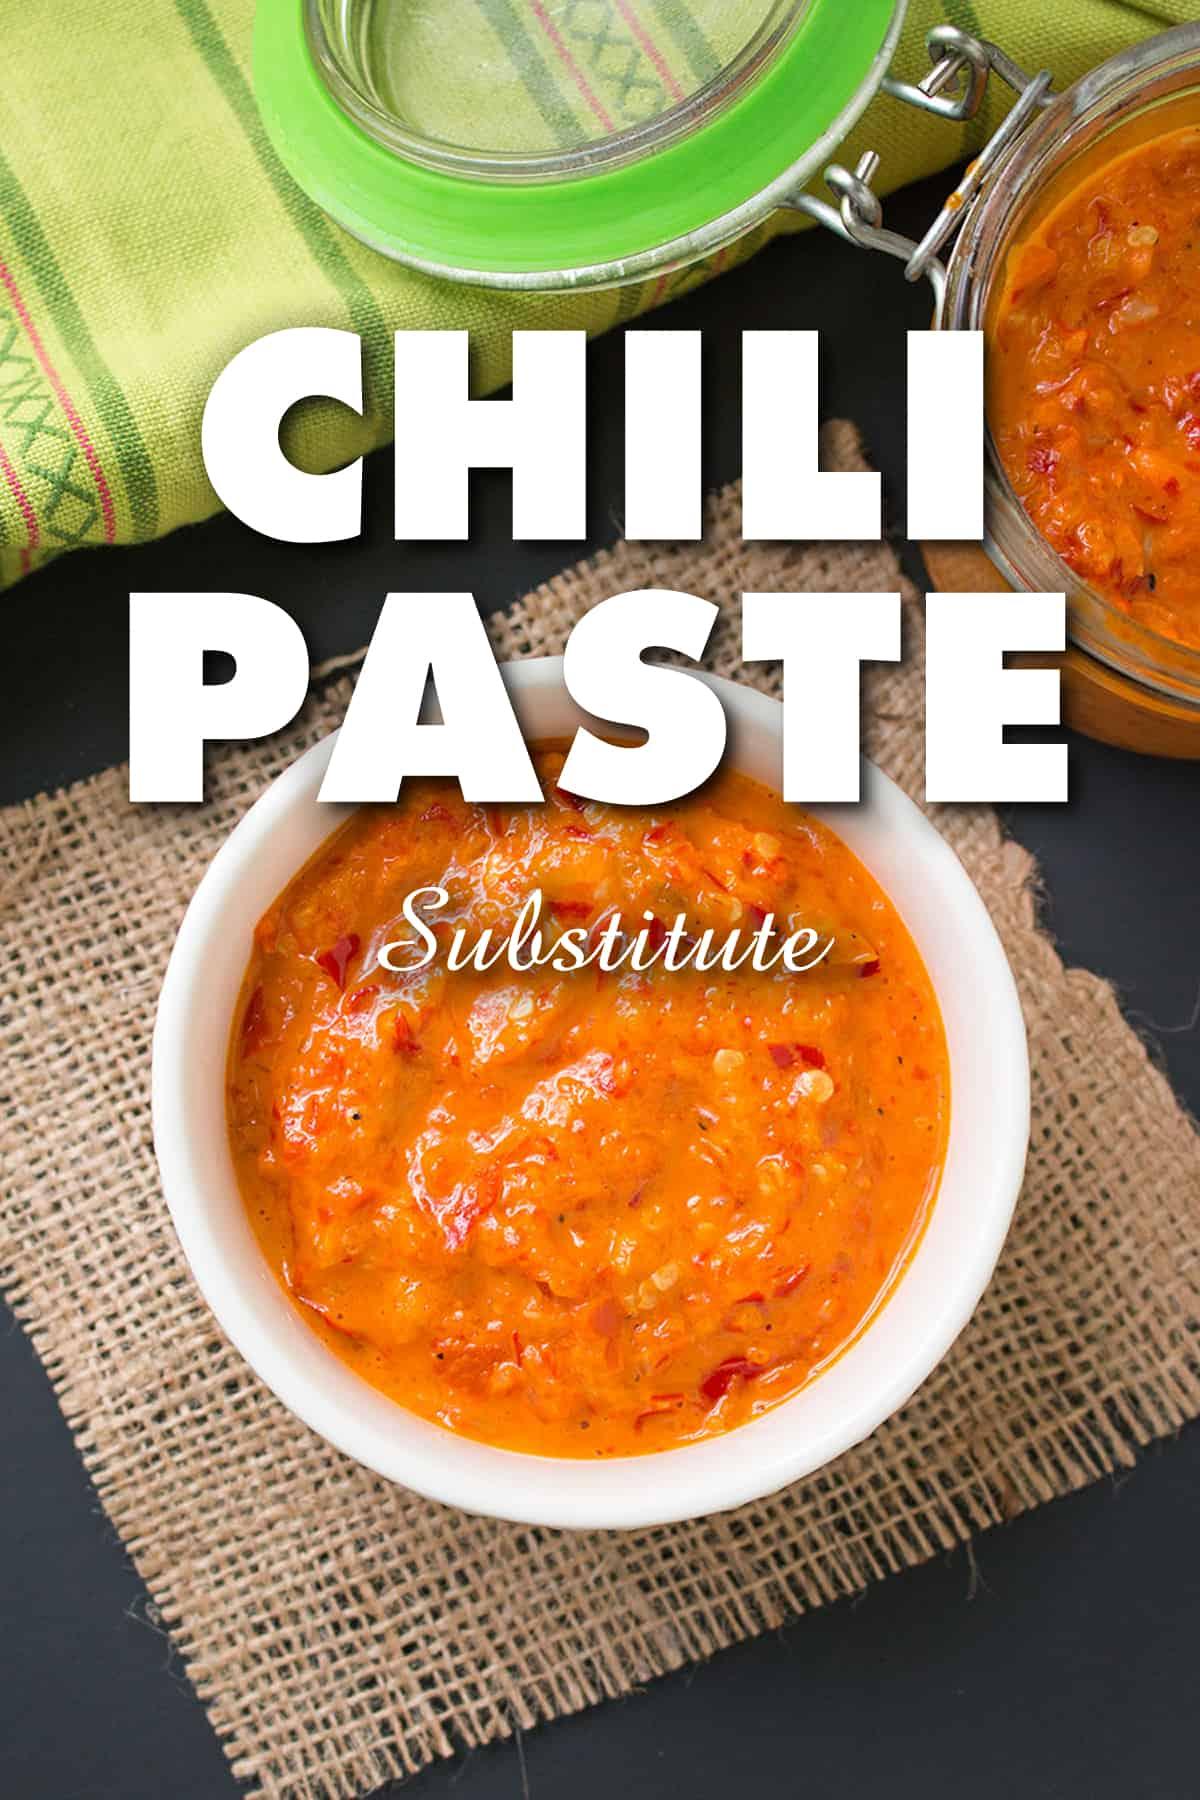 Chili Paste Substitute